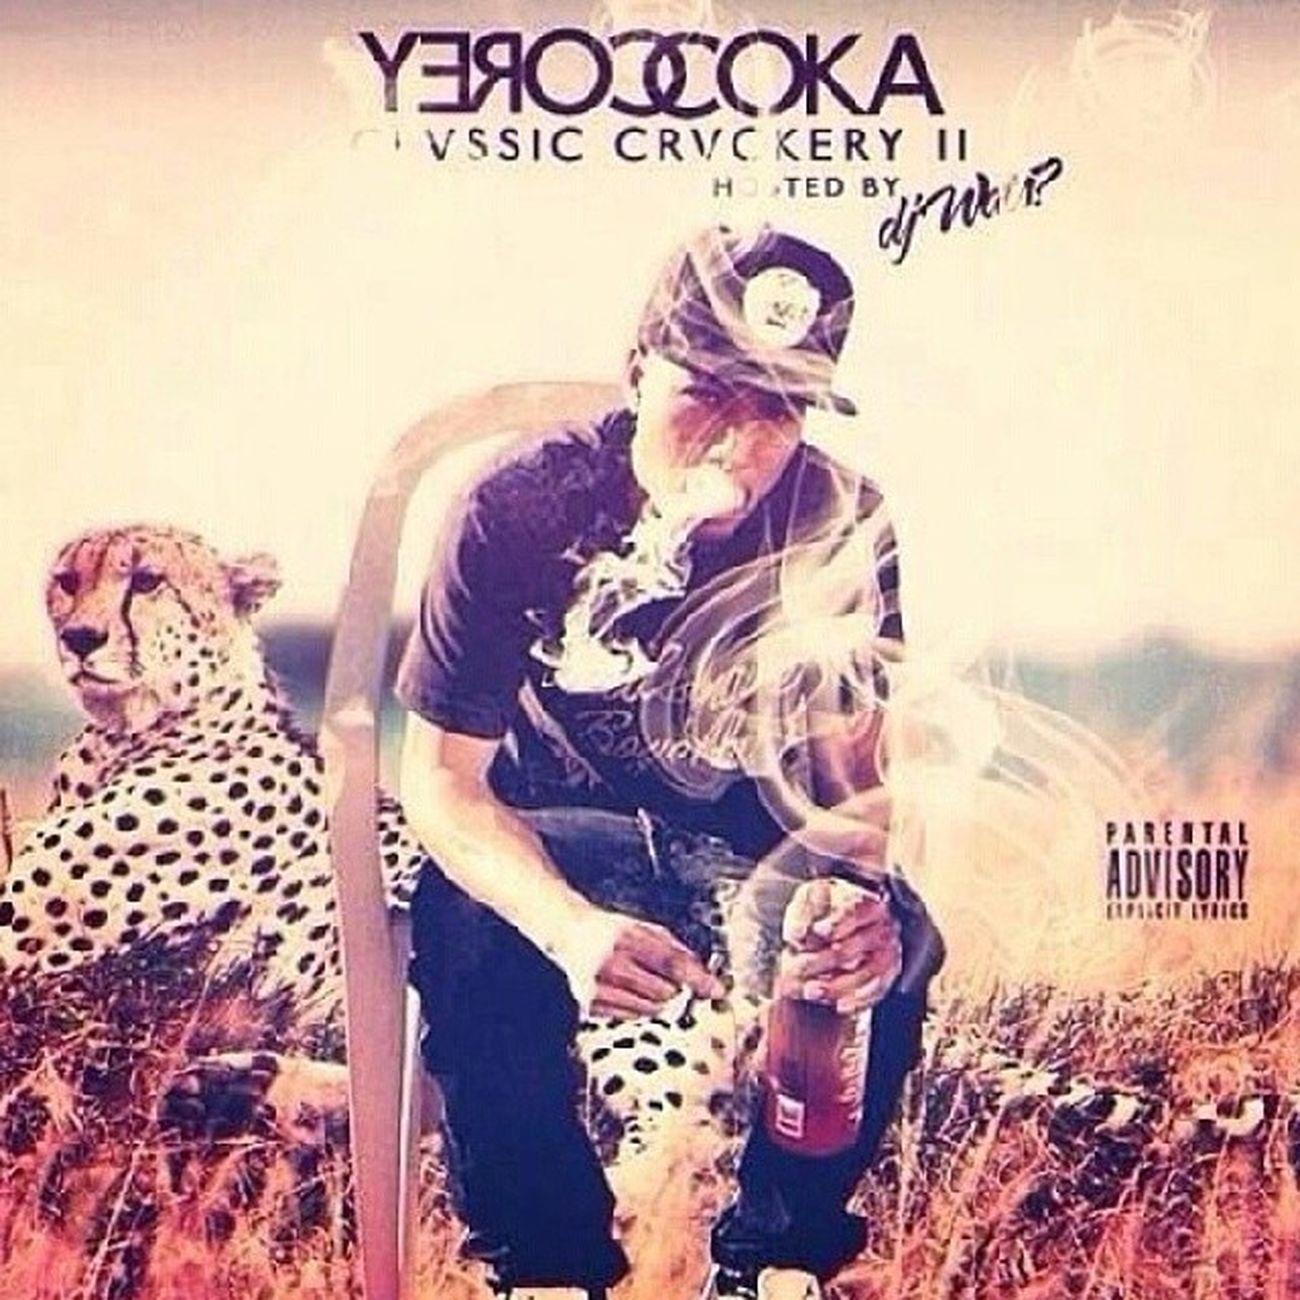 ShoutOut To @coreycoka Dopeartist Beatmaker  Musicology MusicIsLife welovecoreycoka @coreycoka